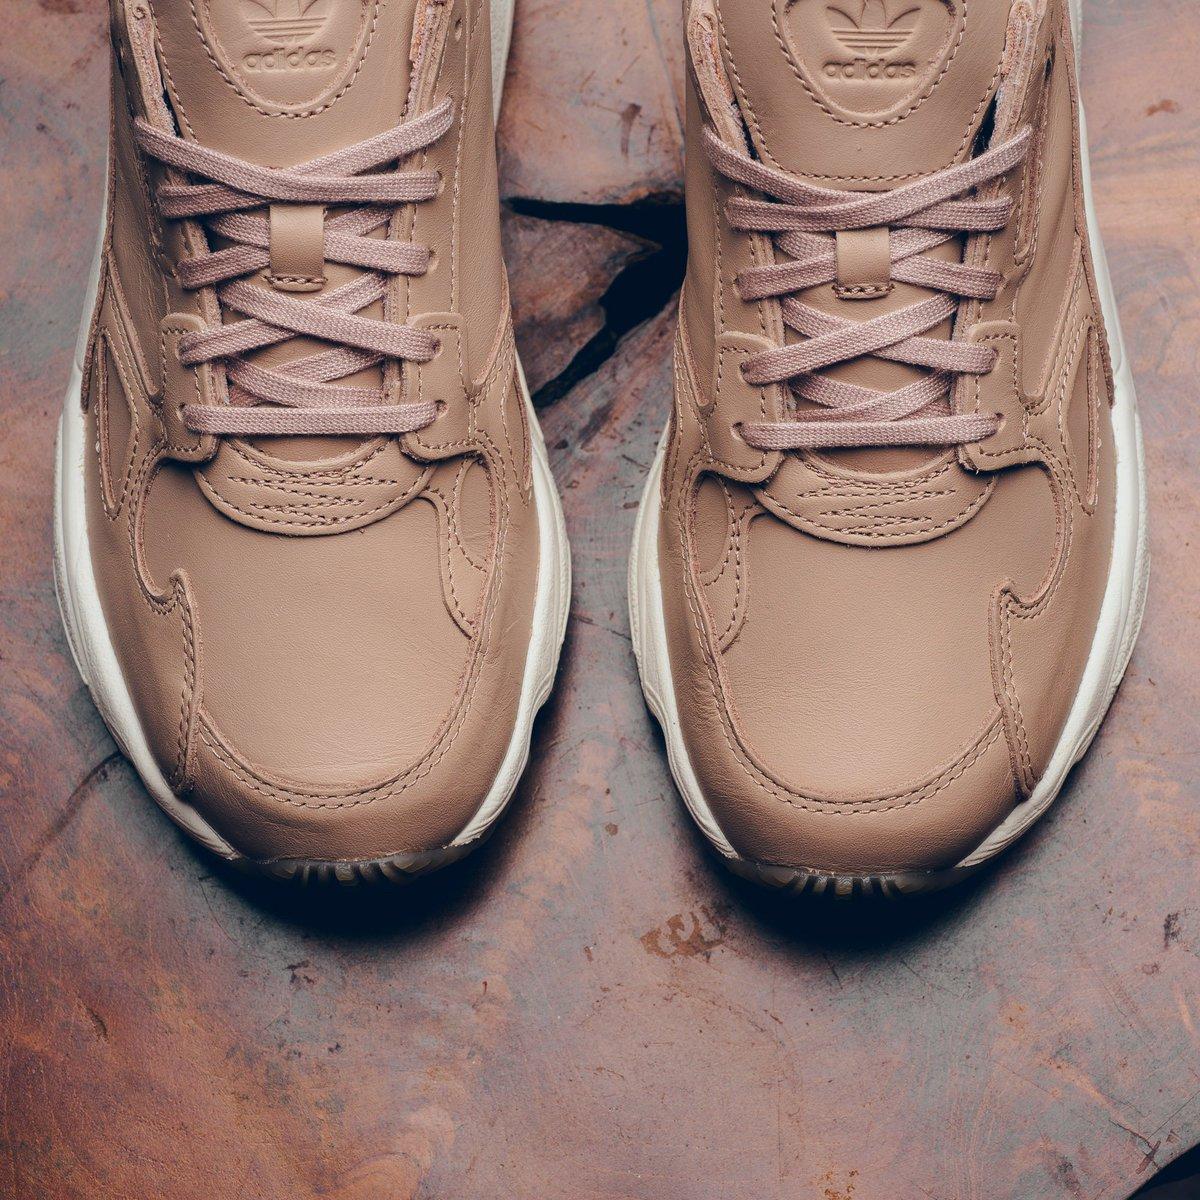 promo code a7e01 a56c0 Available Now    WMNS Adidas Falcon - Ash Pearl    https   sneakerpolitics .com products wmns-adidas-falcon-ash-pearl …pic.twitter.com XWLD0YIrVu